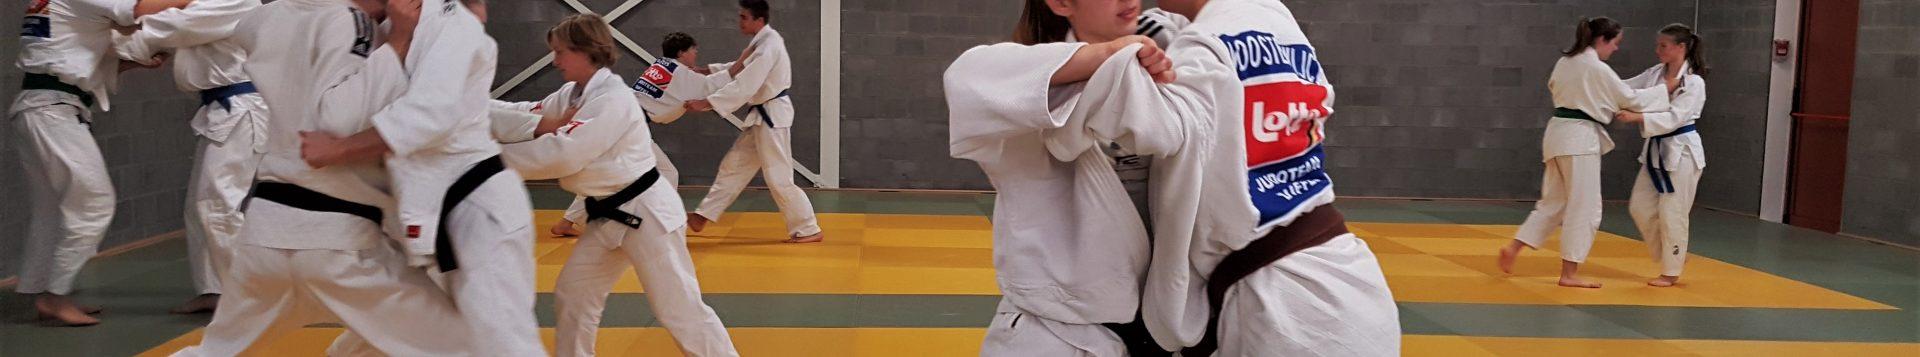 Judoteam Duffel